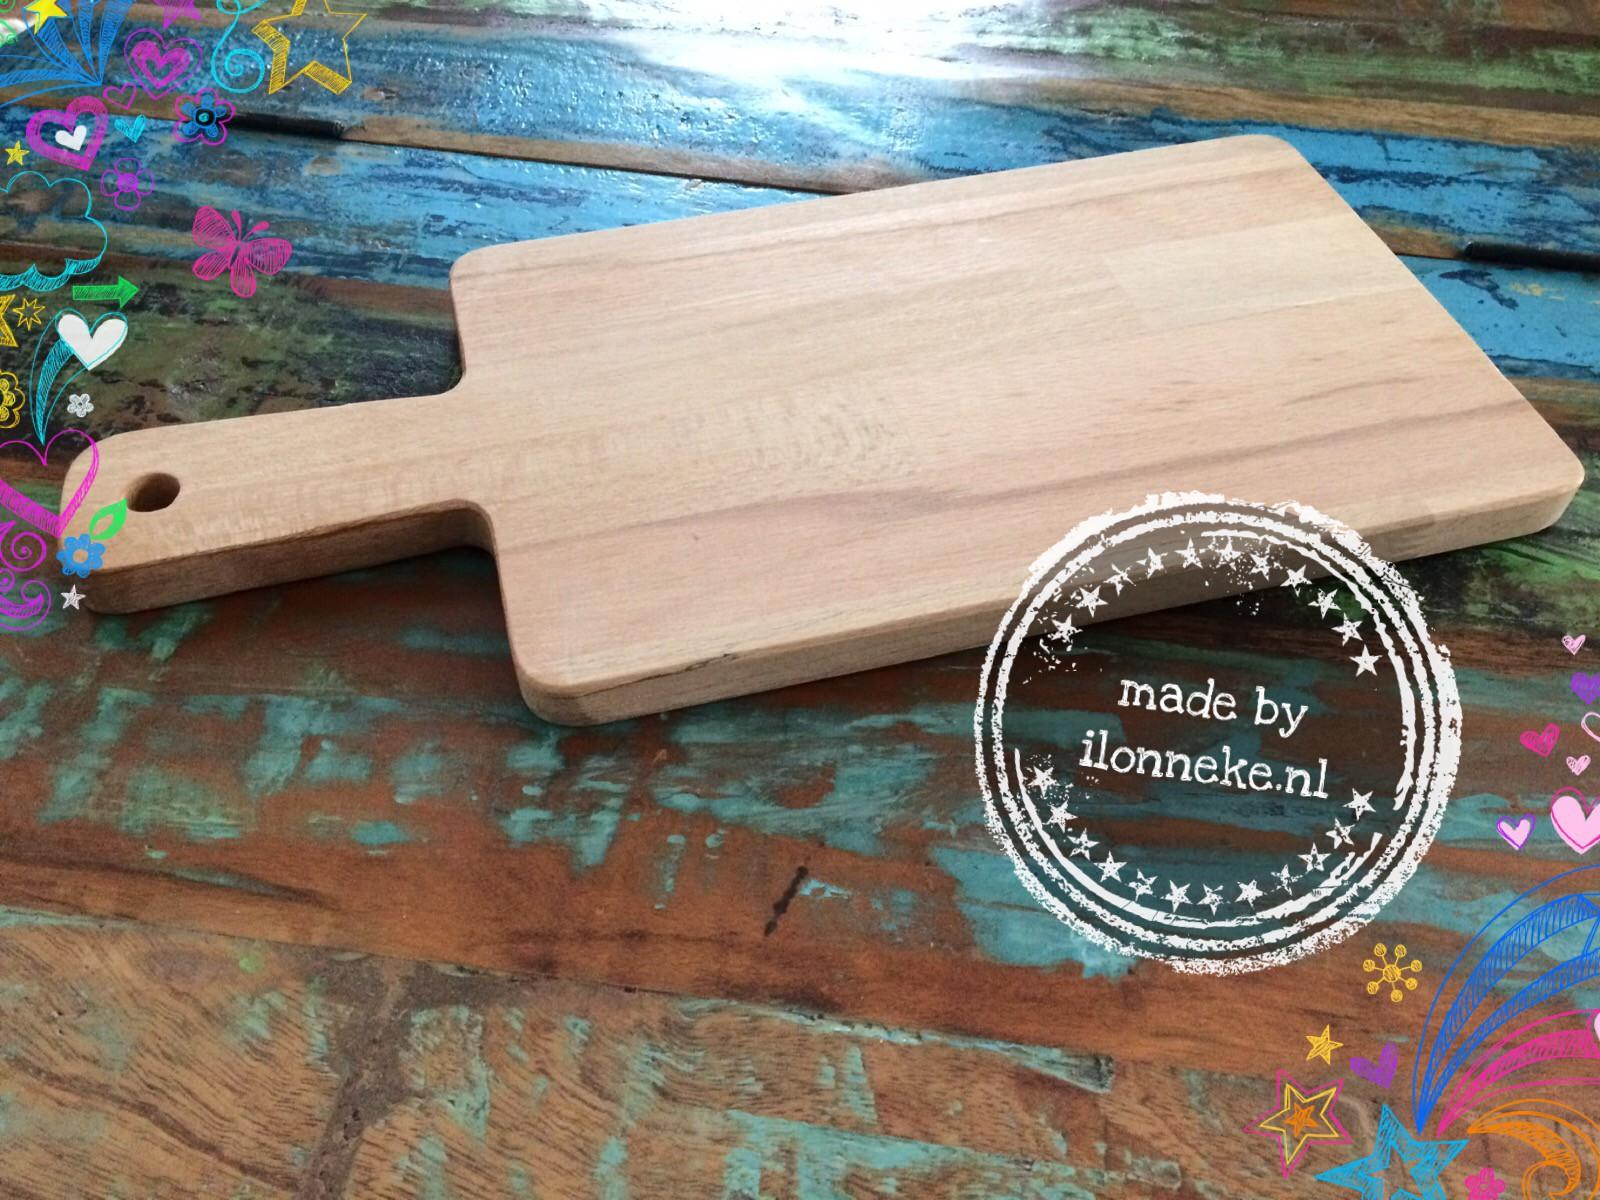 houten plank zelf vervaardigd